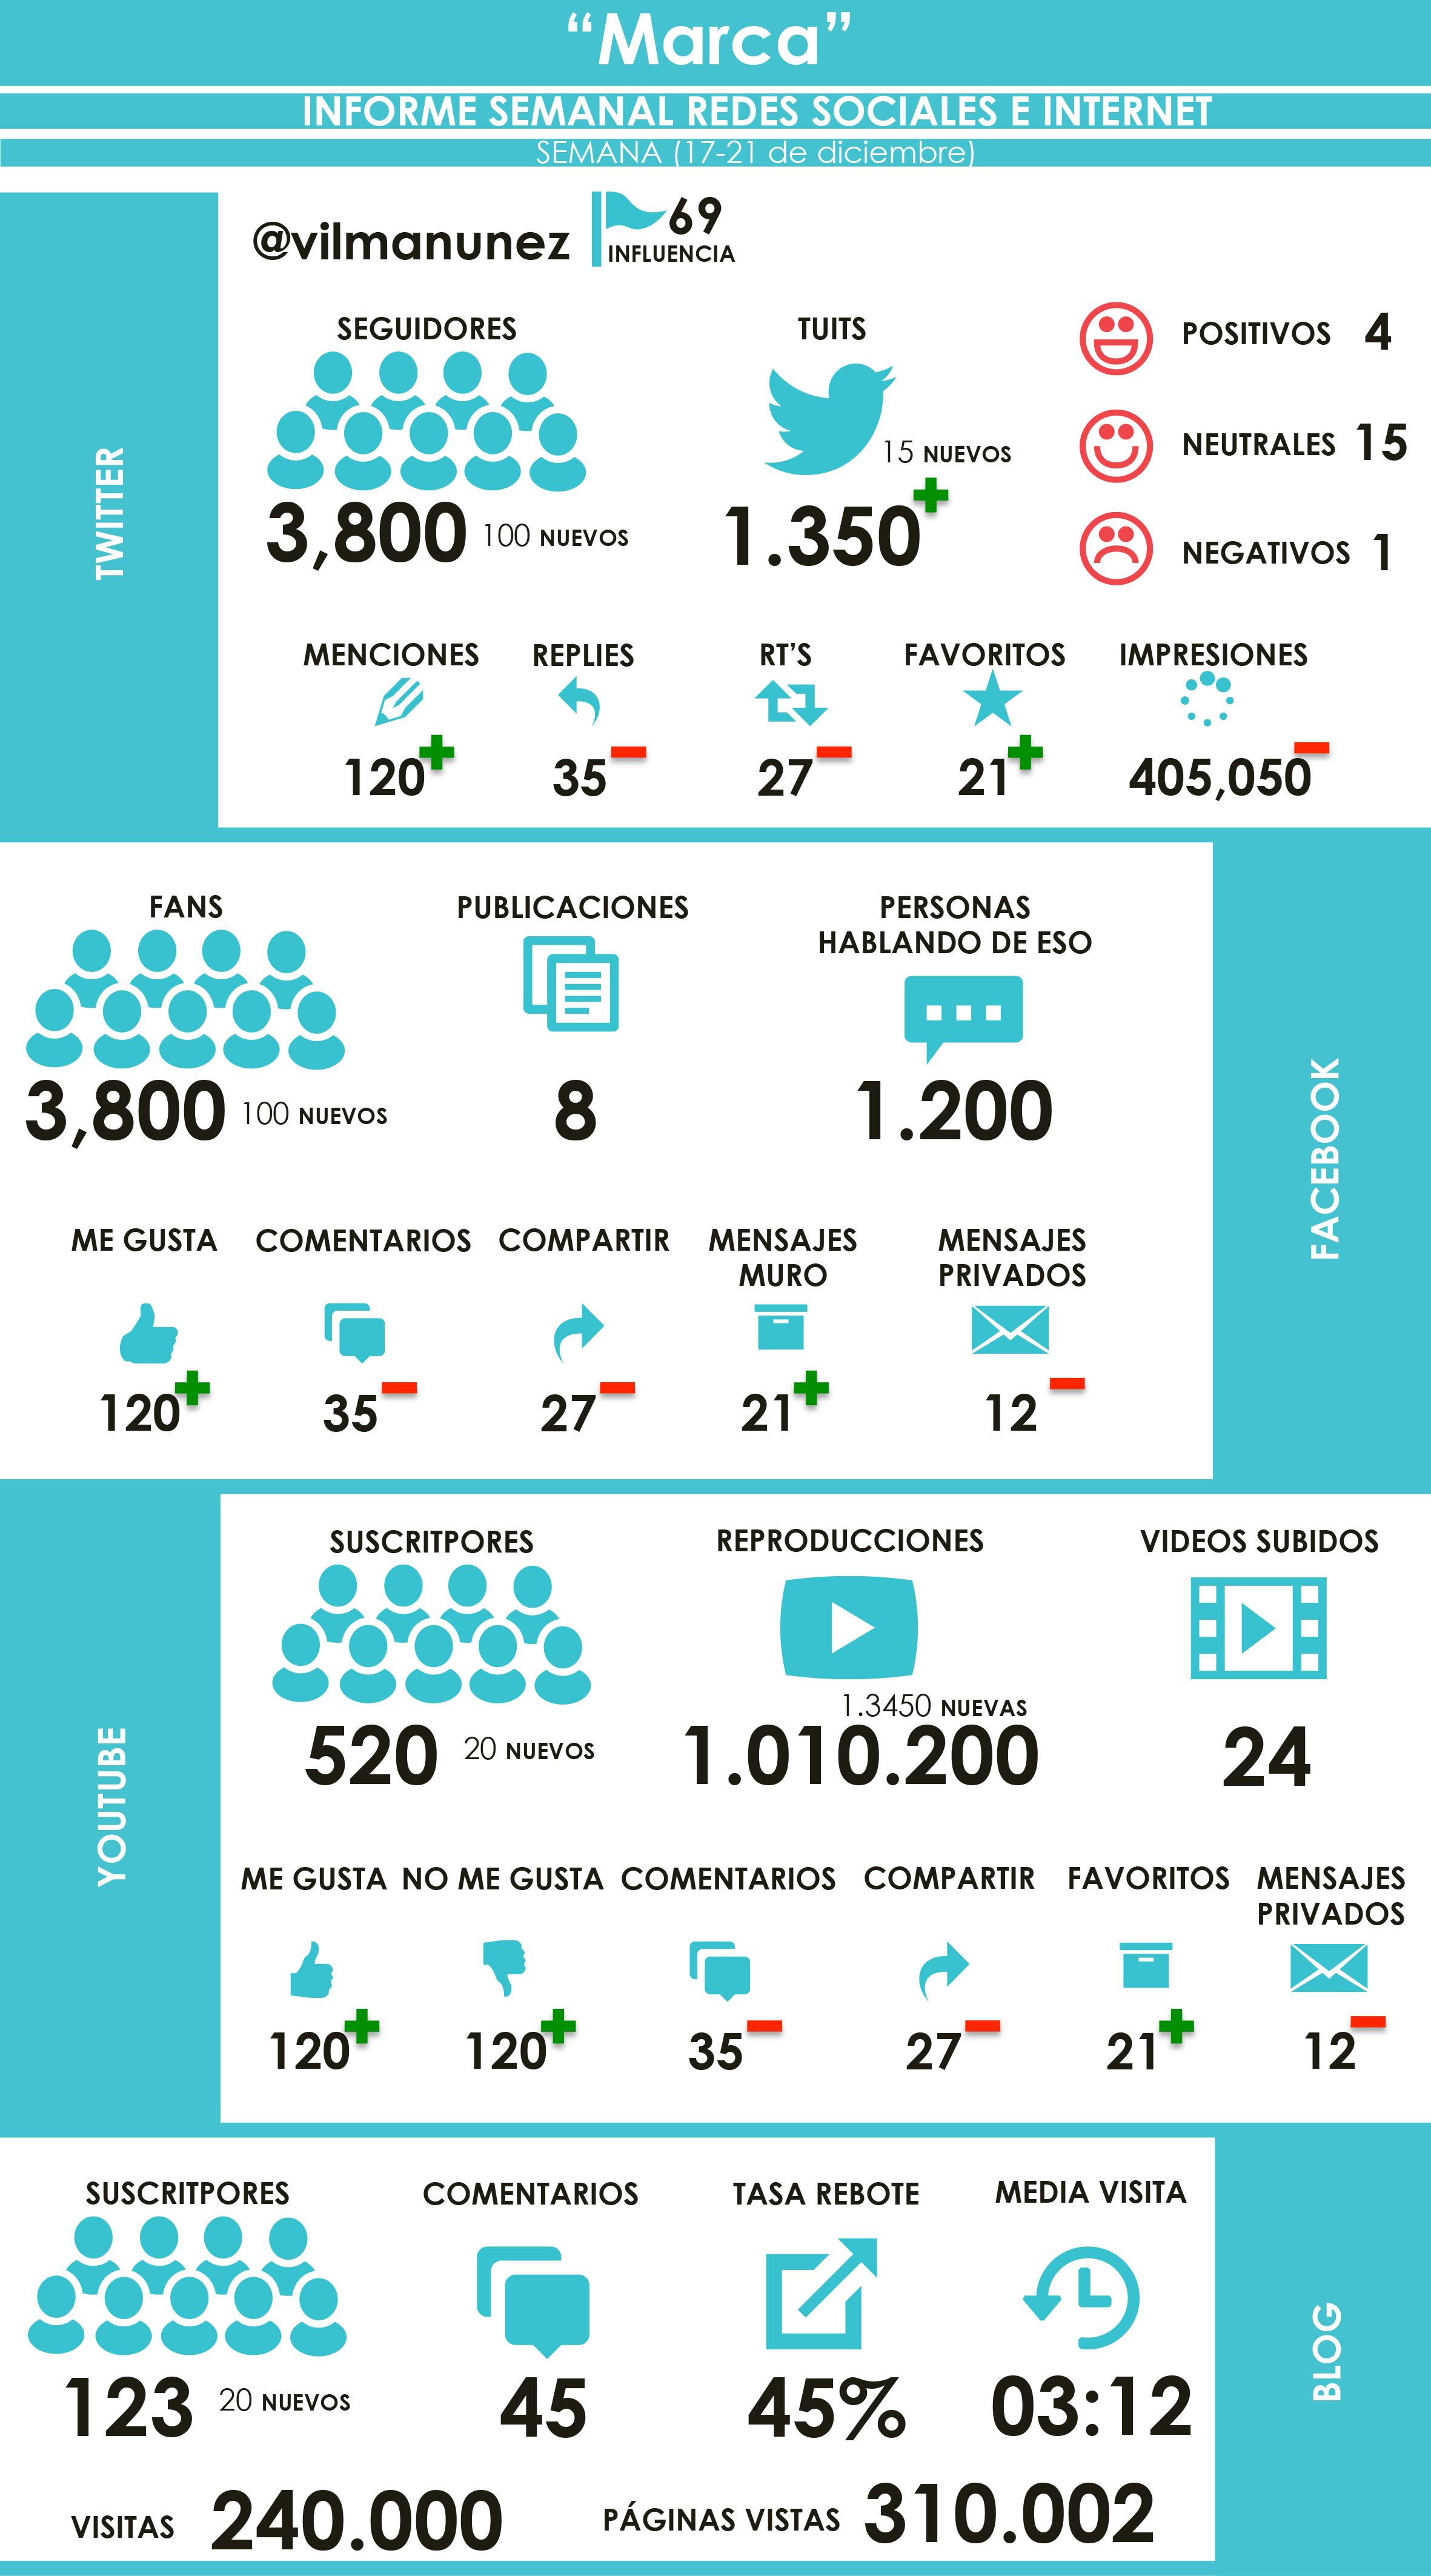 modelo de informe para redes sociales